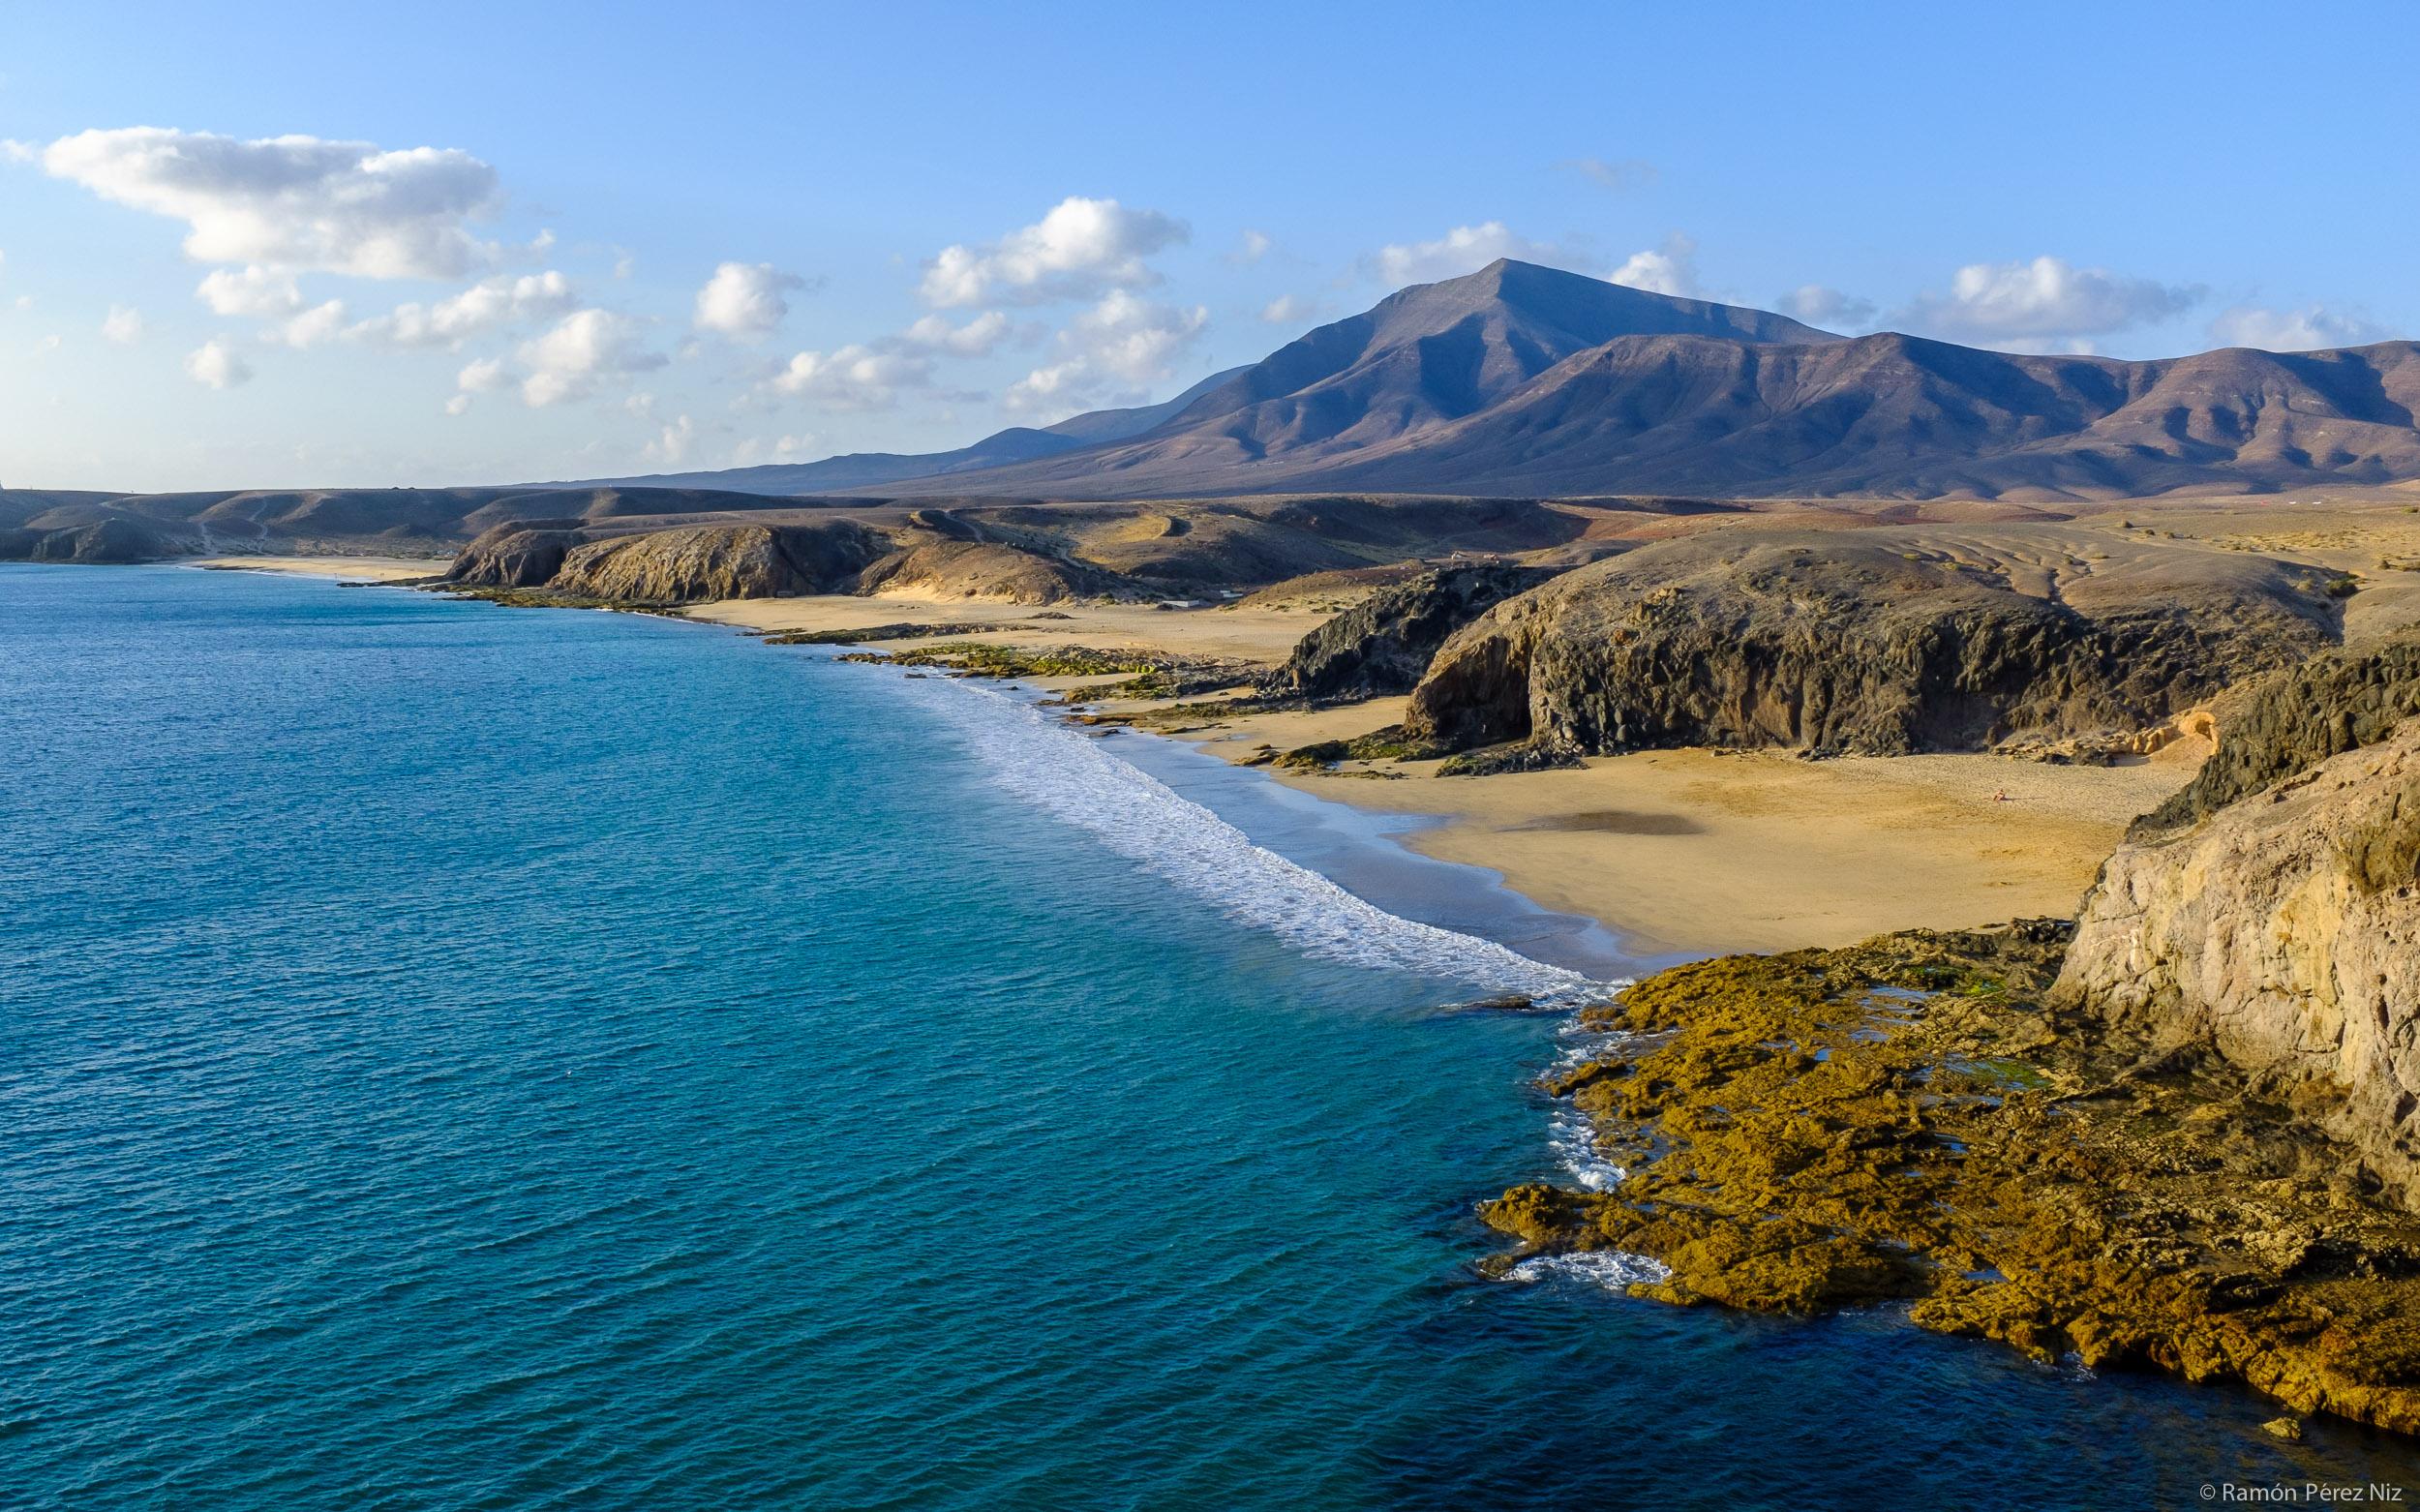 Playas del sur de Lanzarote. Foto de Ramón Pérez Niz